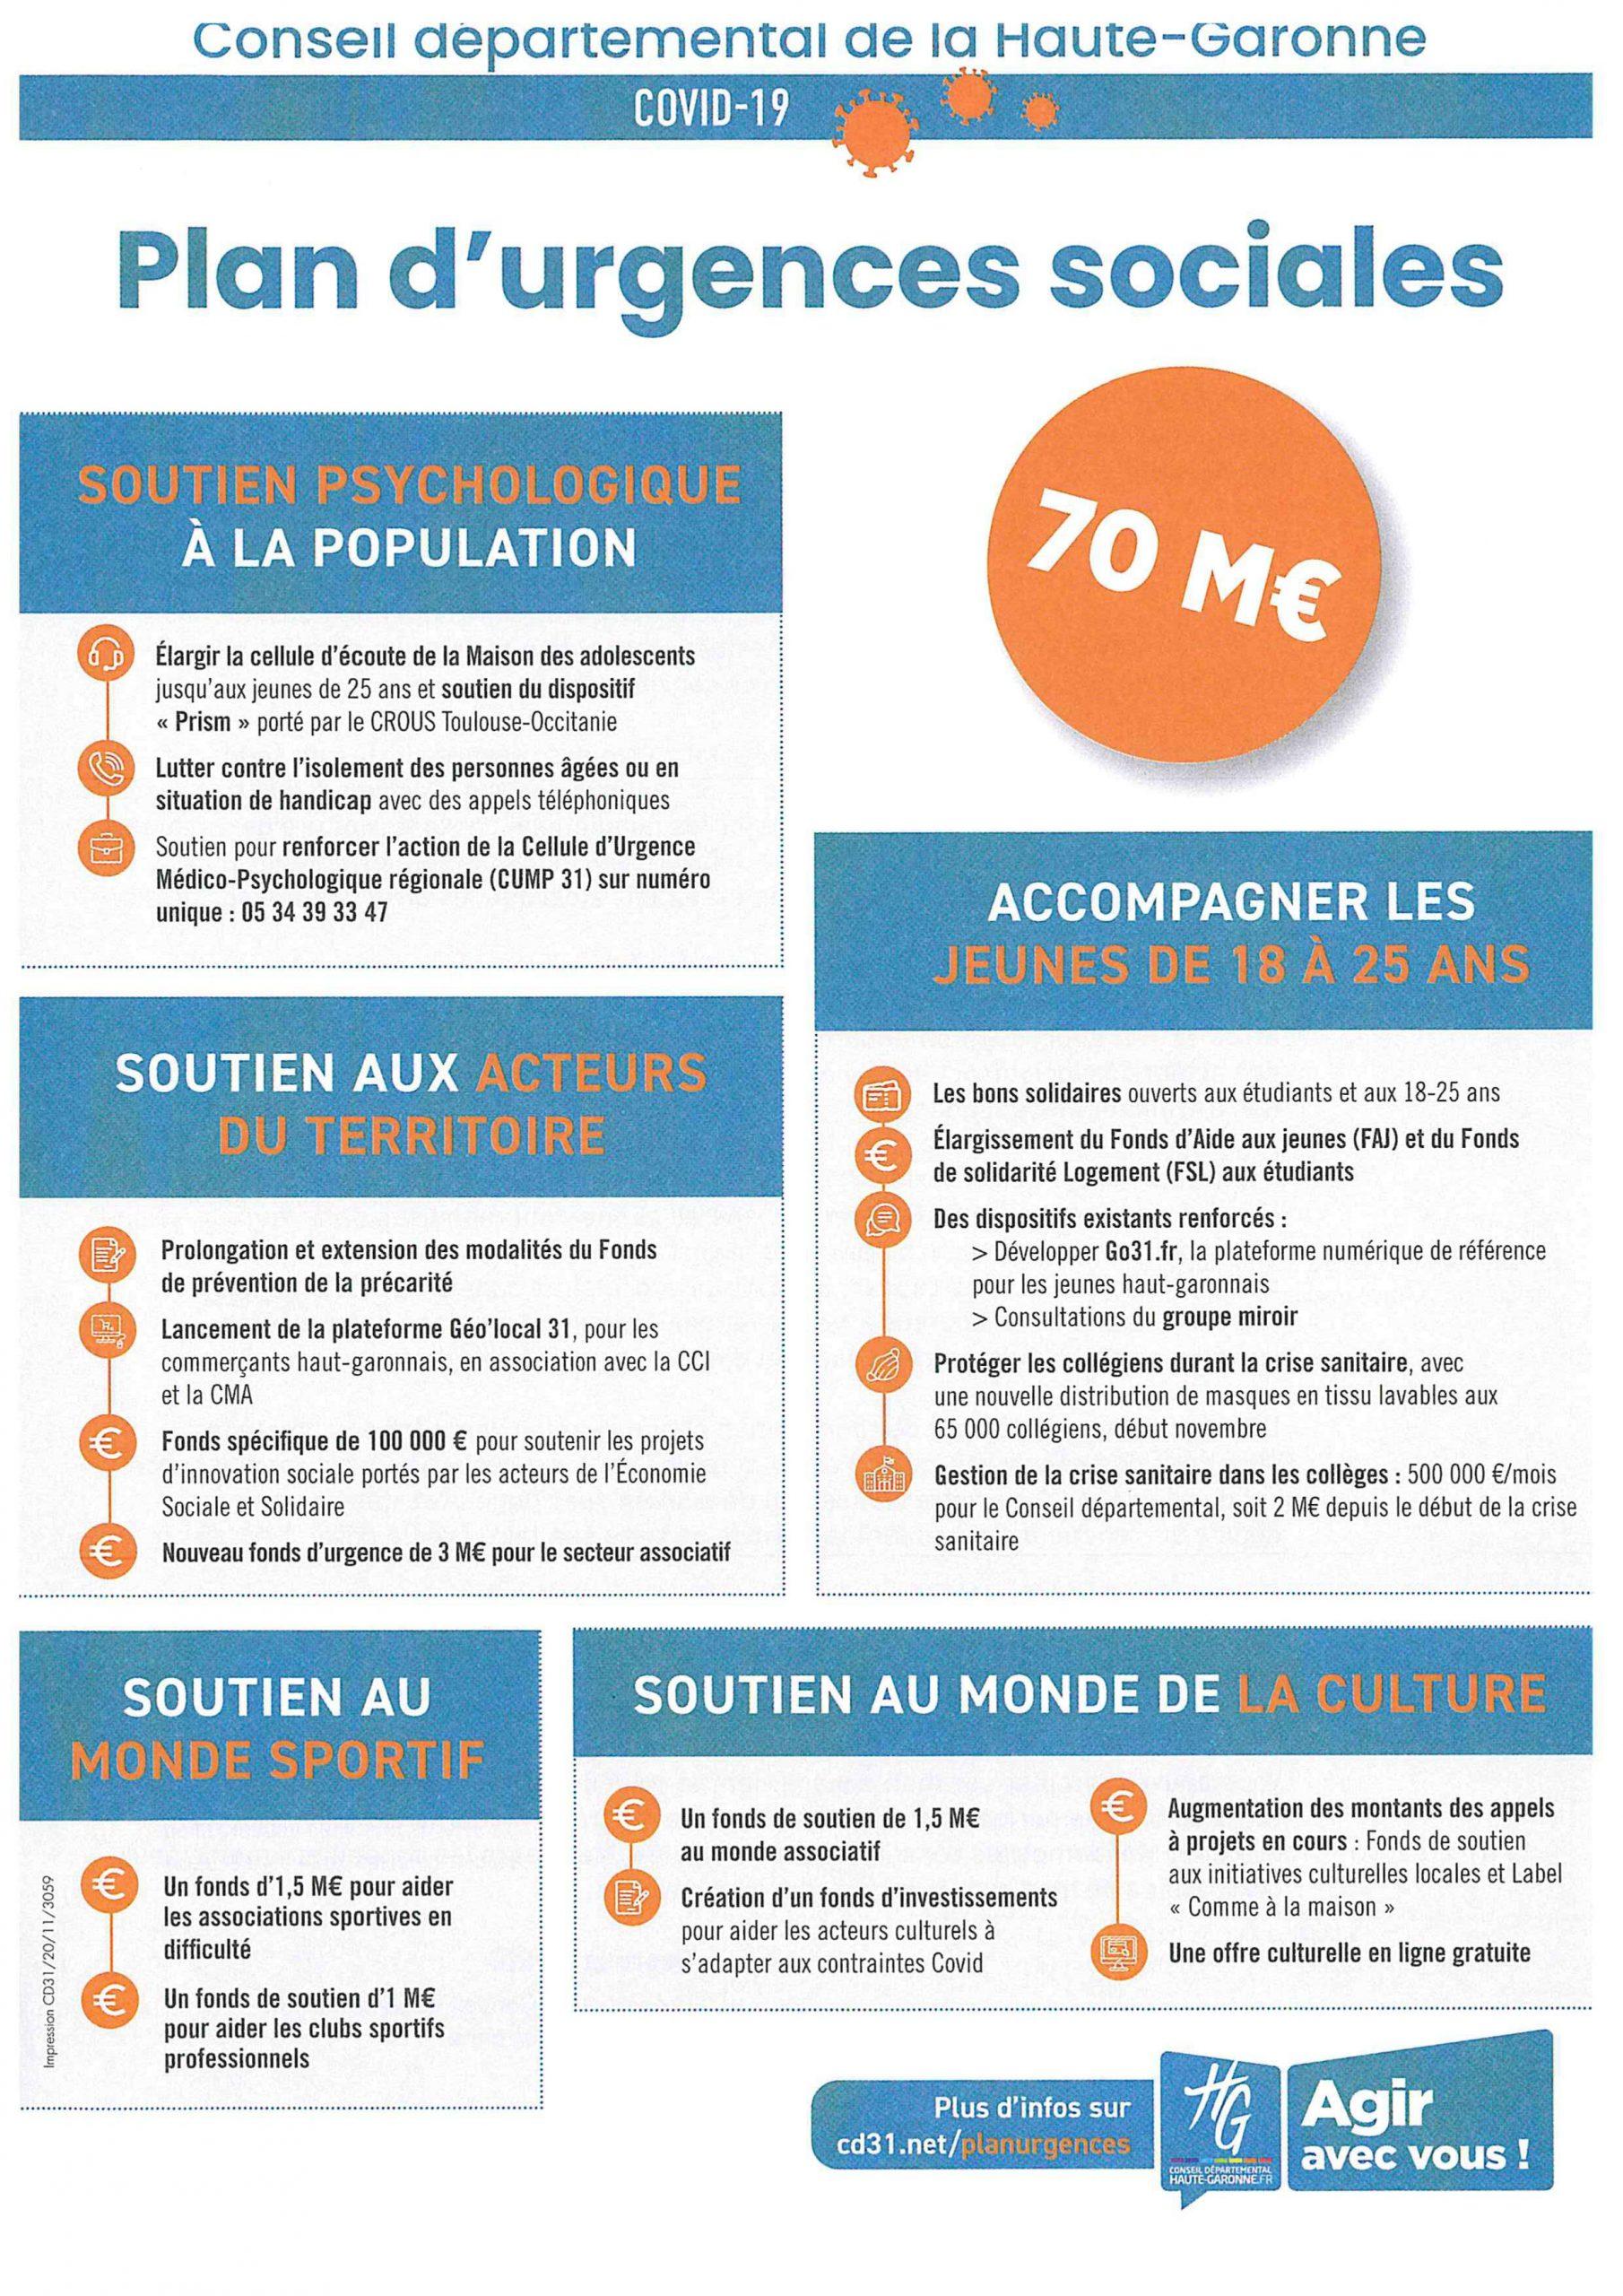 Plan d'urgences sociales COVID 19